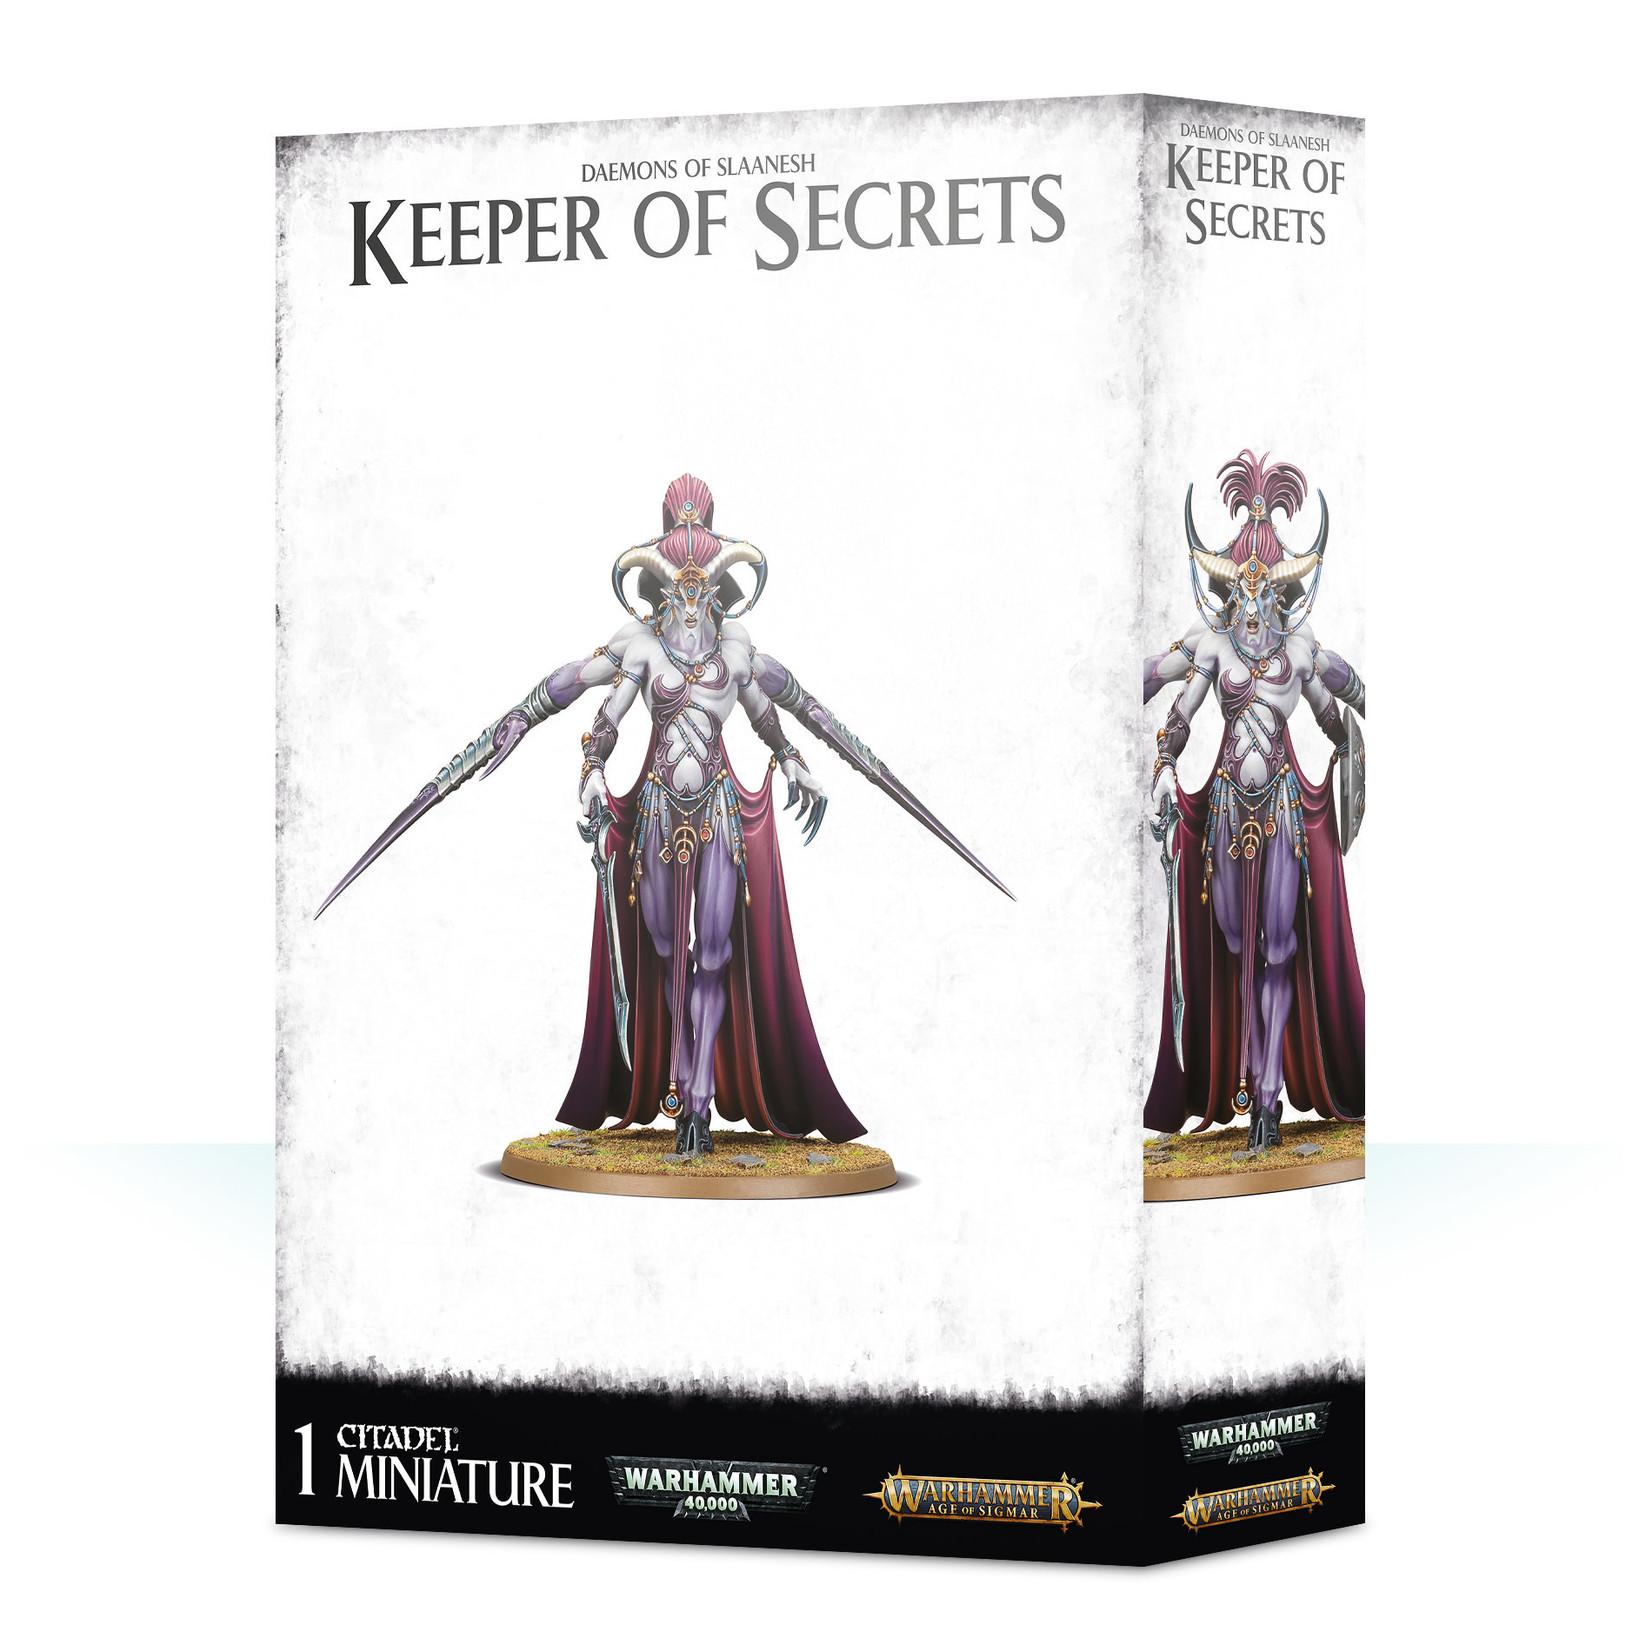 Daemons of Slaanesh Keeper of Secrets (AOS)